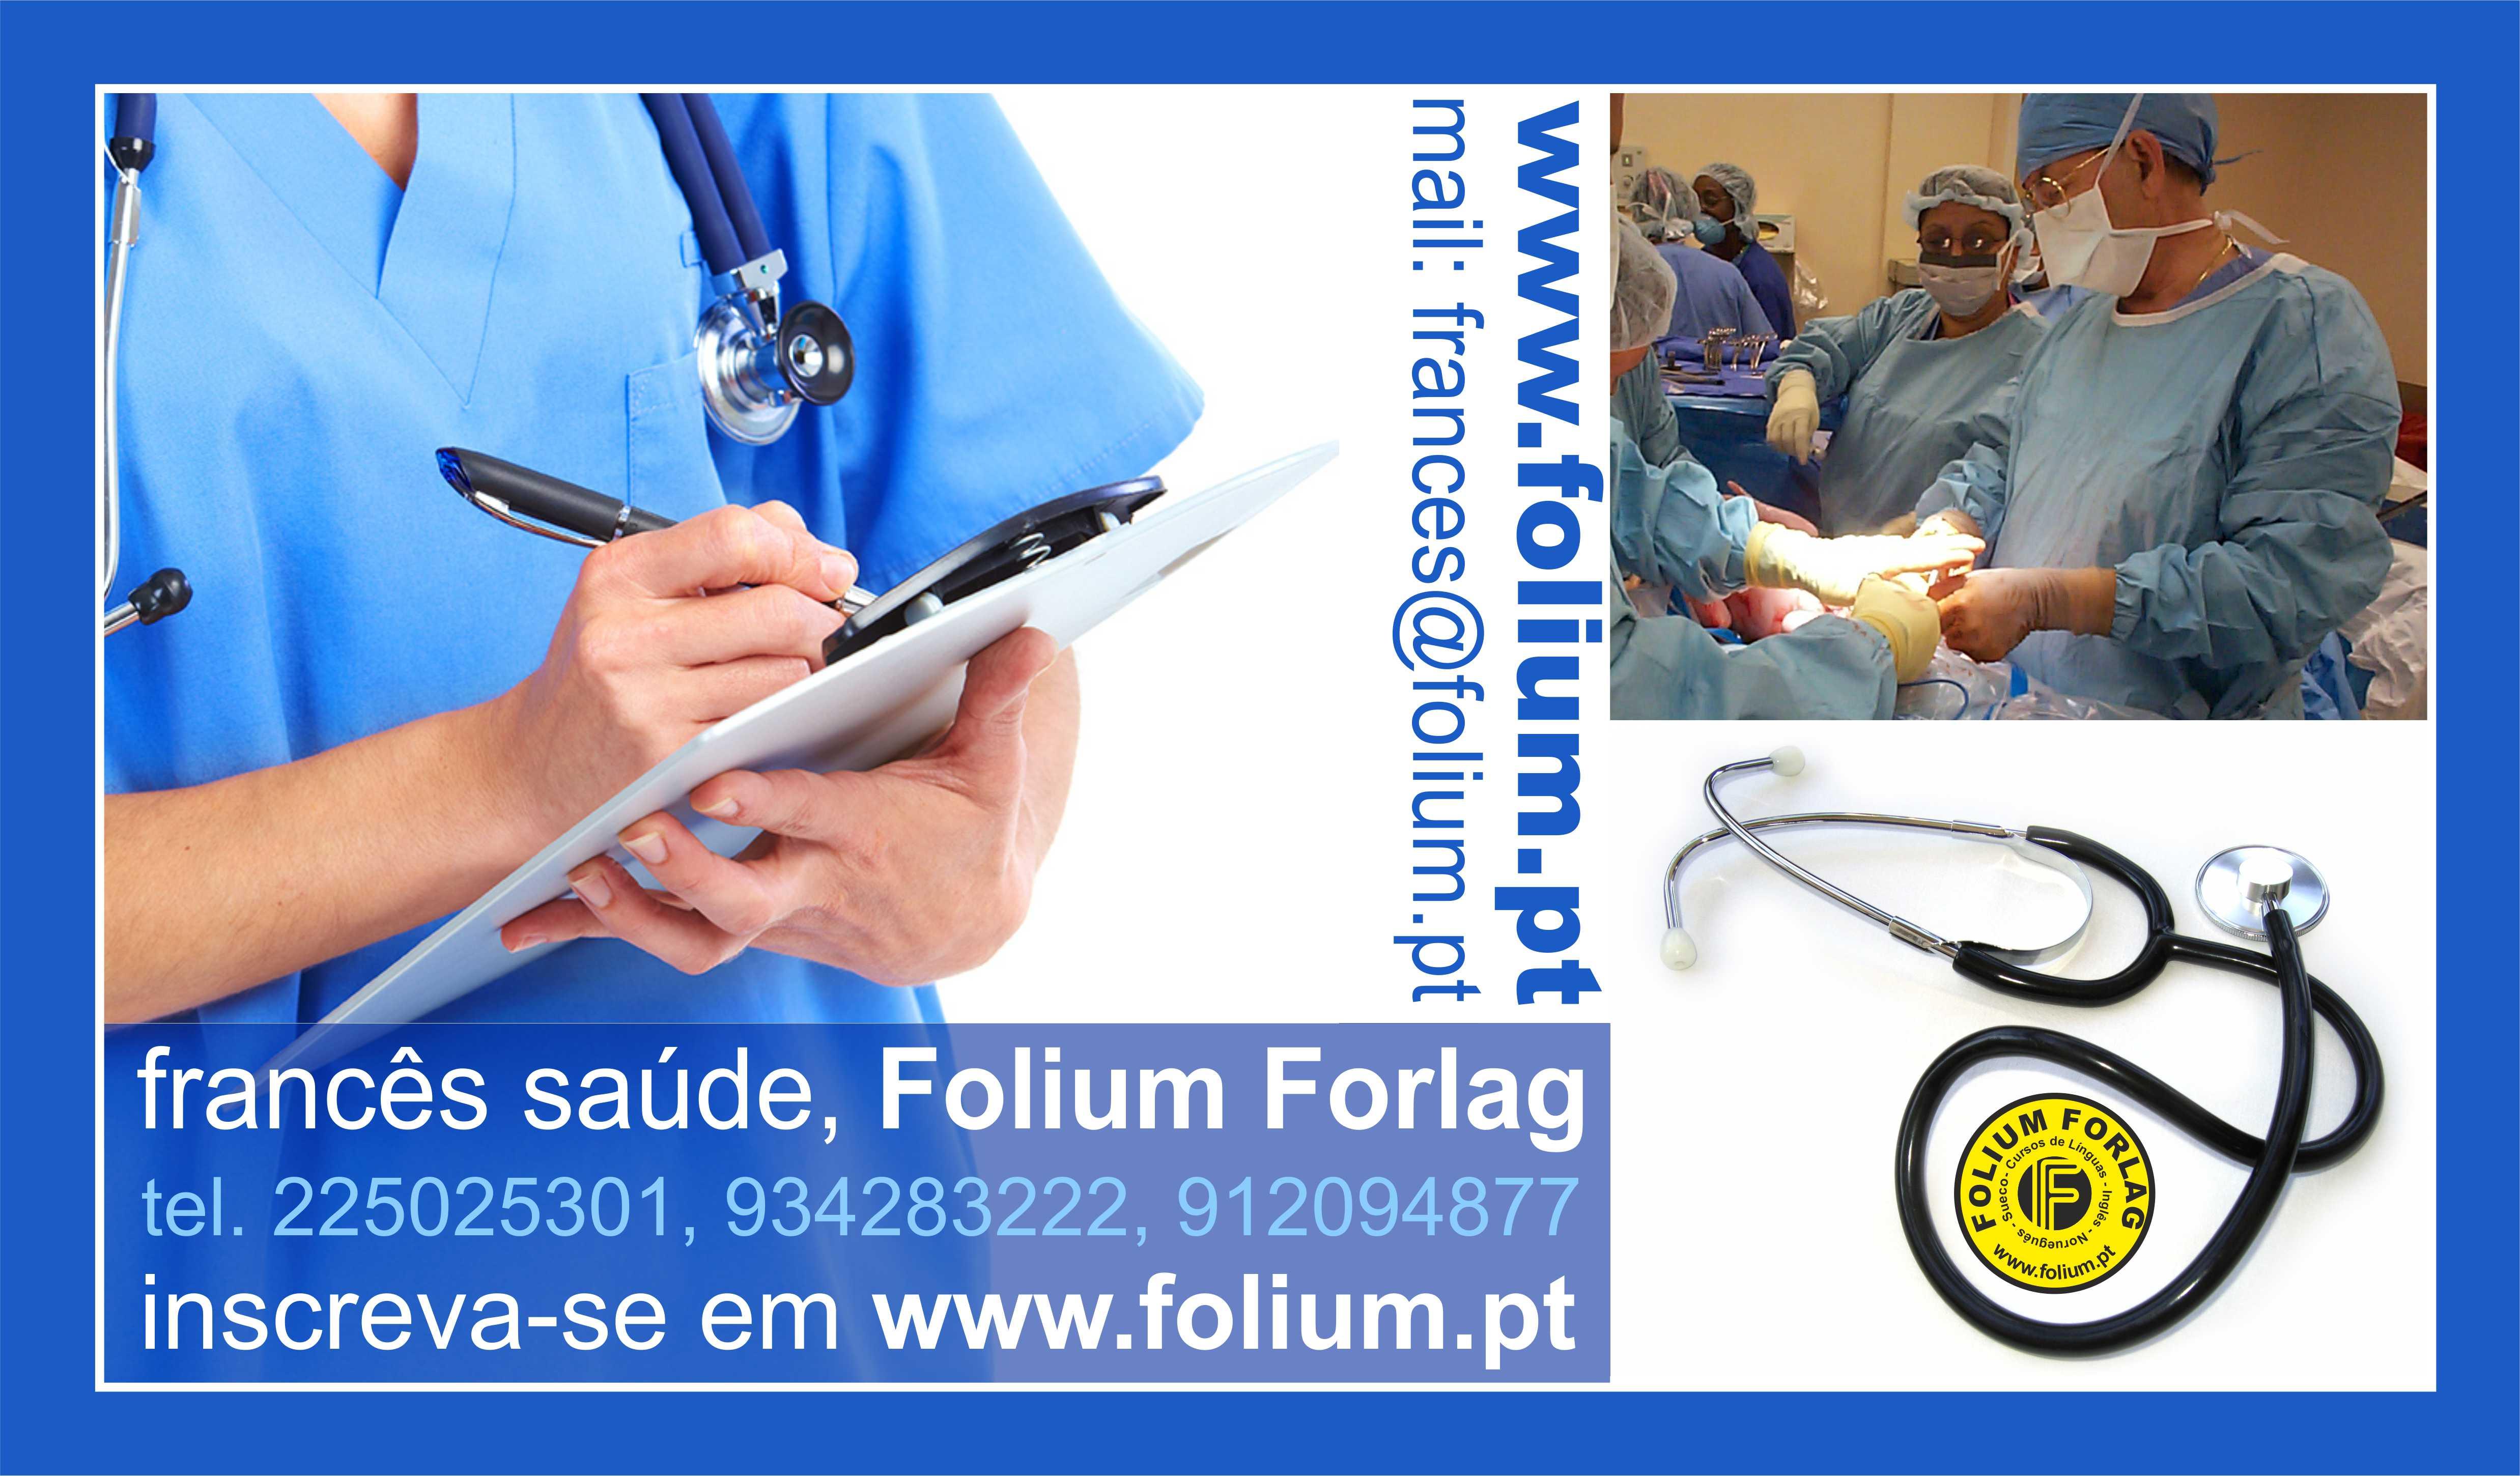 francê saúde panfleto